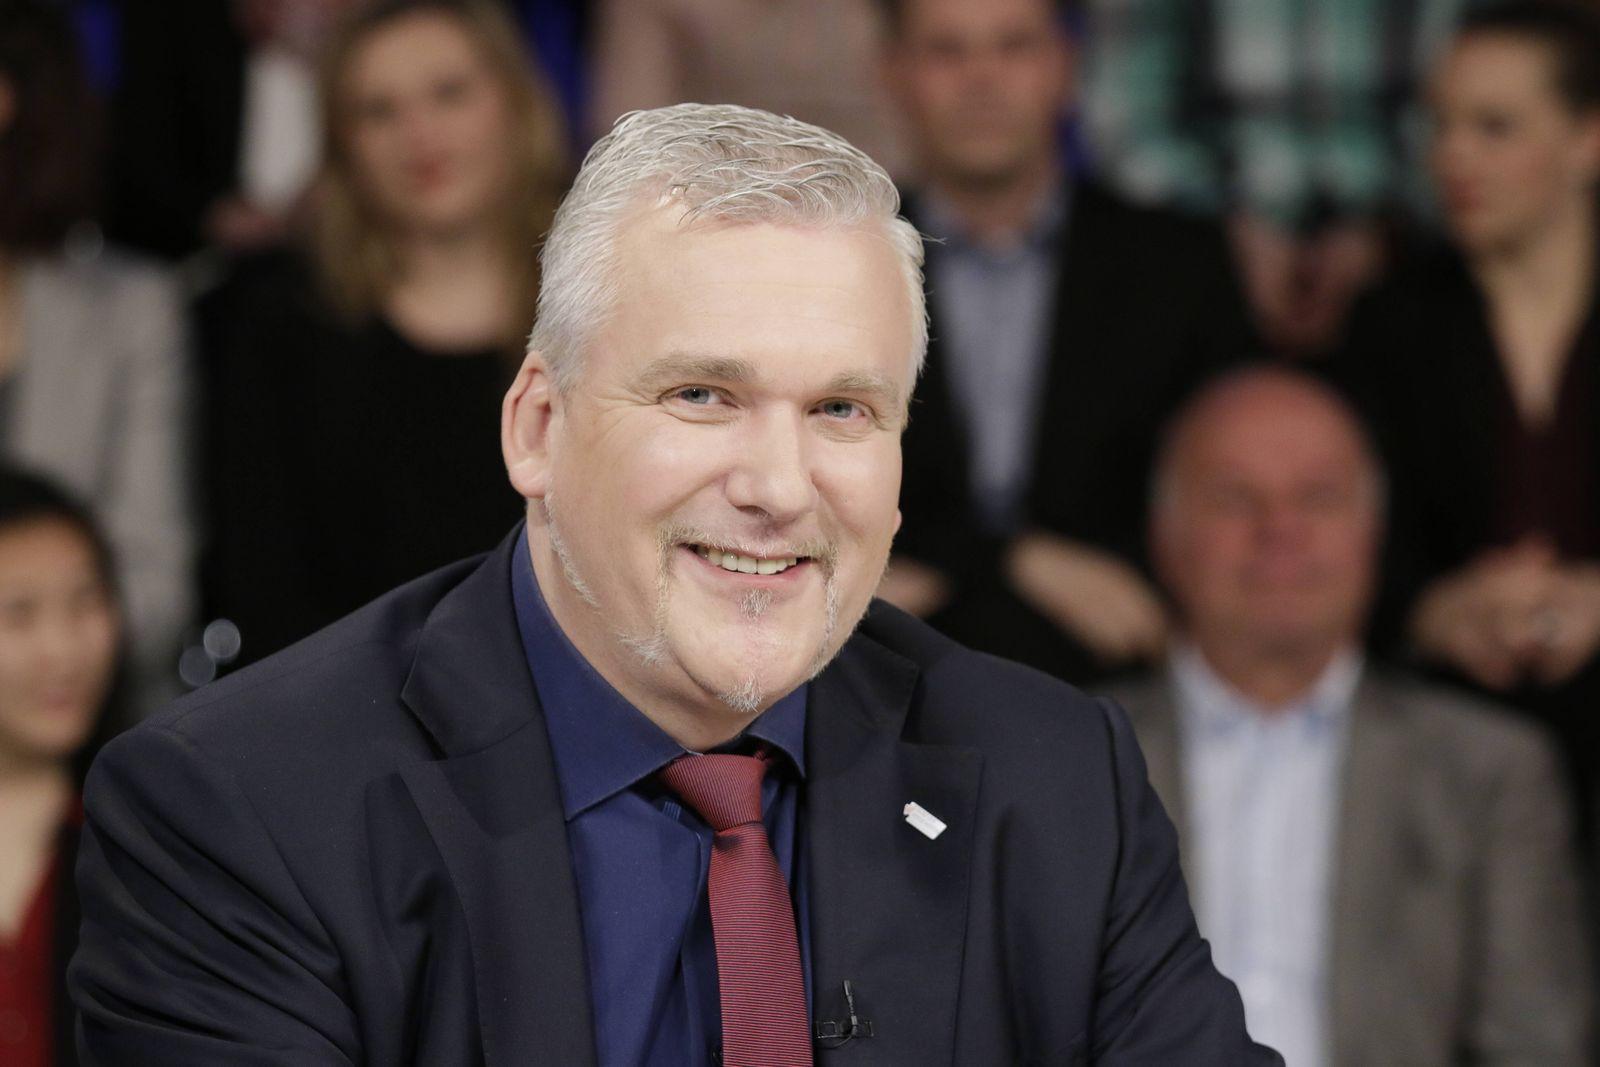 Berlin ZDF Polit Talk Maybrit Illner Thema Länger schuften mehr vorsorgen und im Alter trotzd